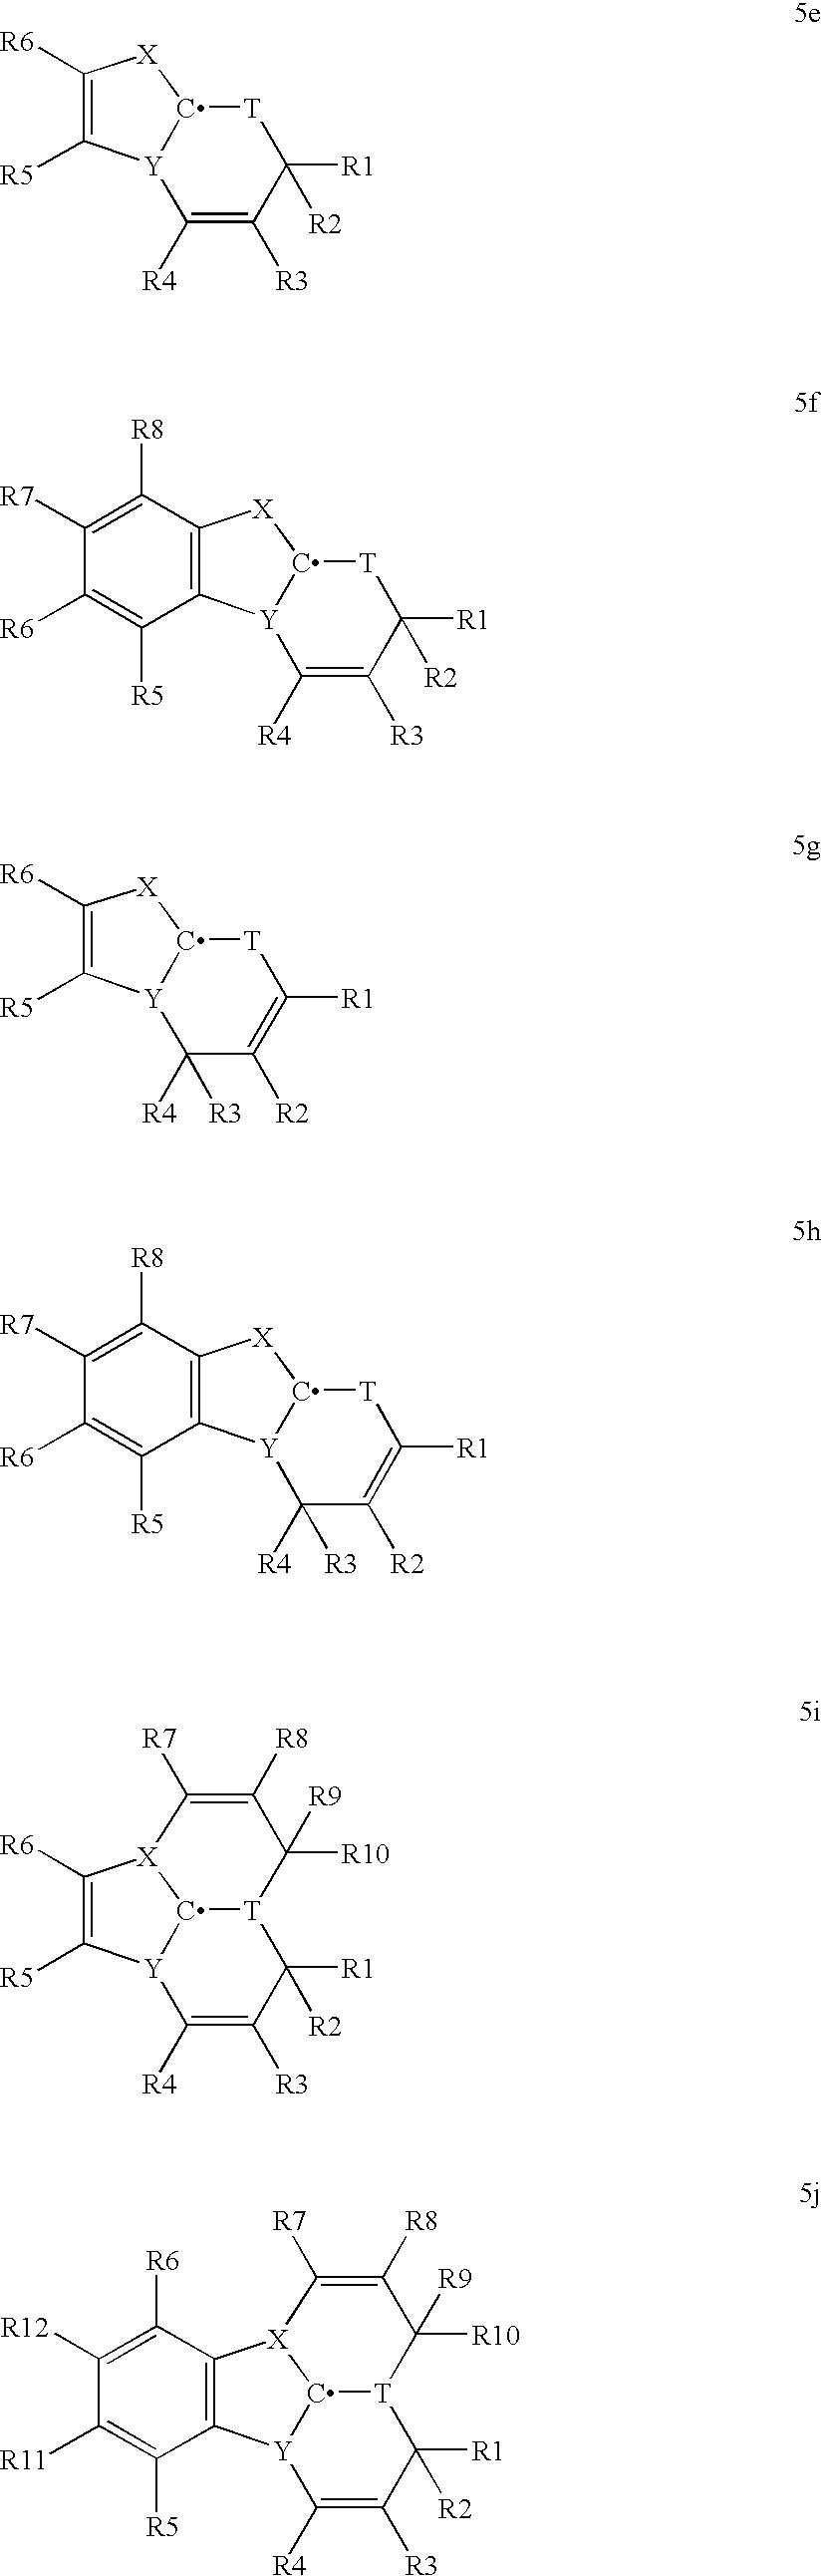 Figure US20070252140A1-20071101-C00001